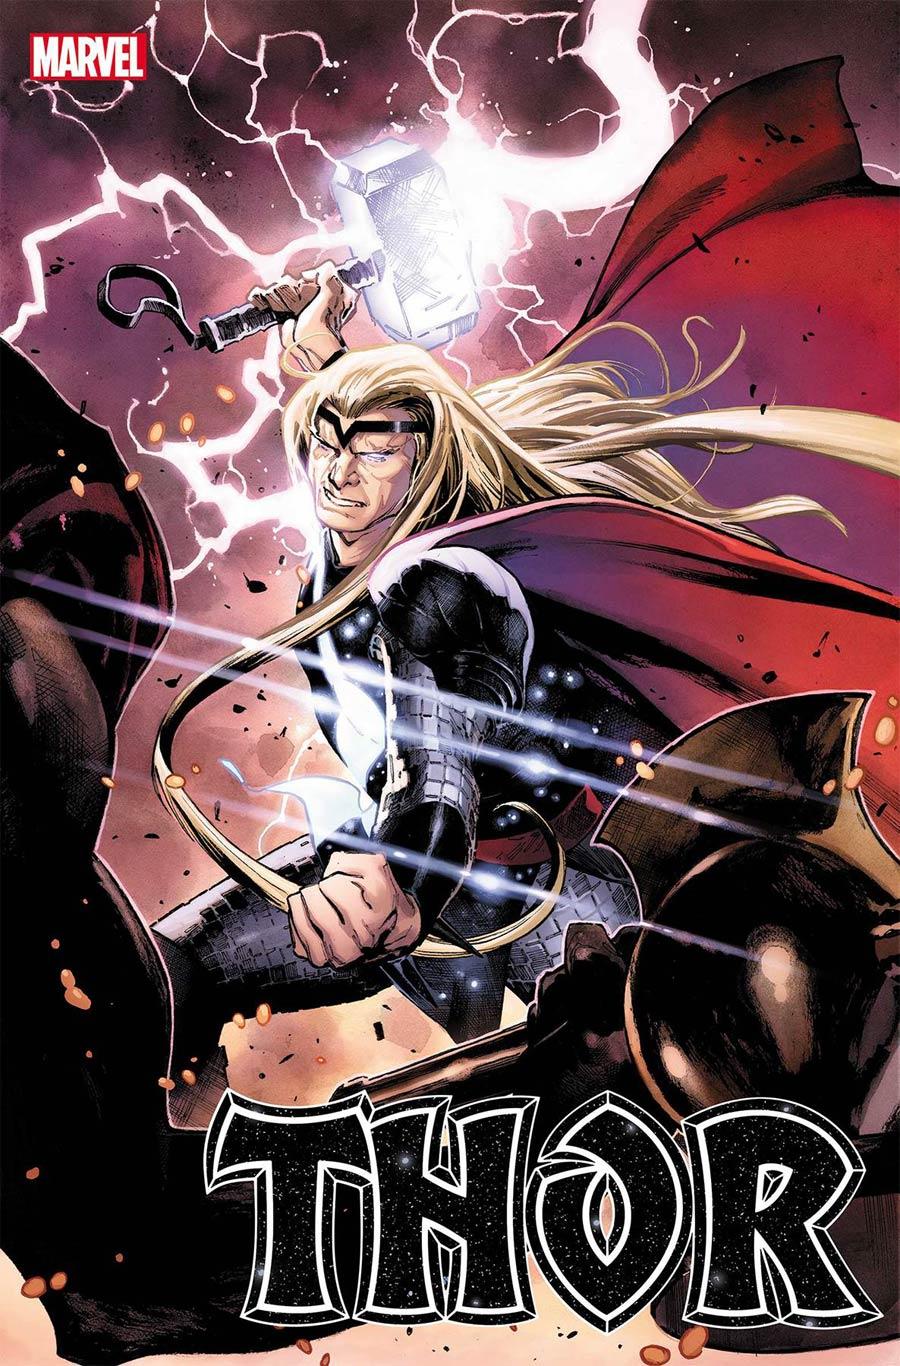 Thor Vol 6 #3 Cover A Regular Olivier Coipel Cover